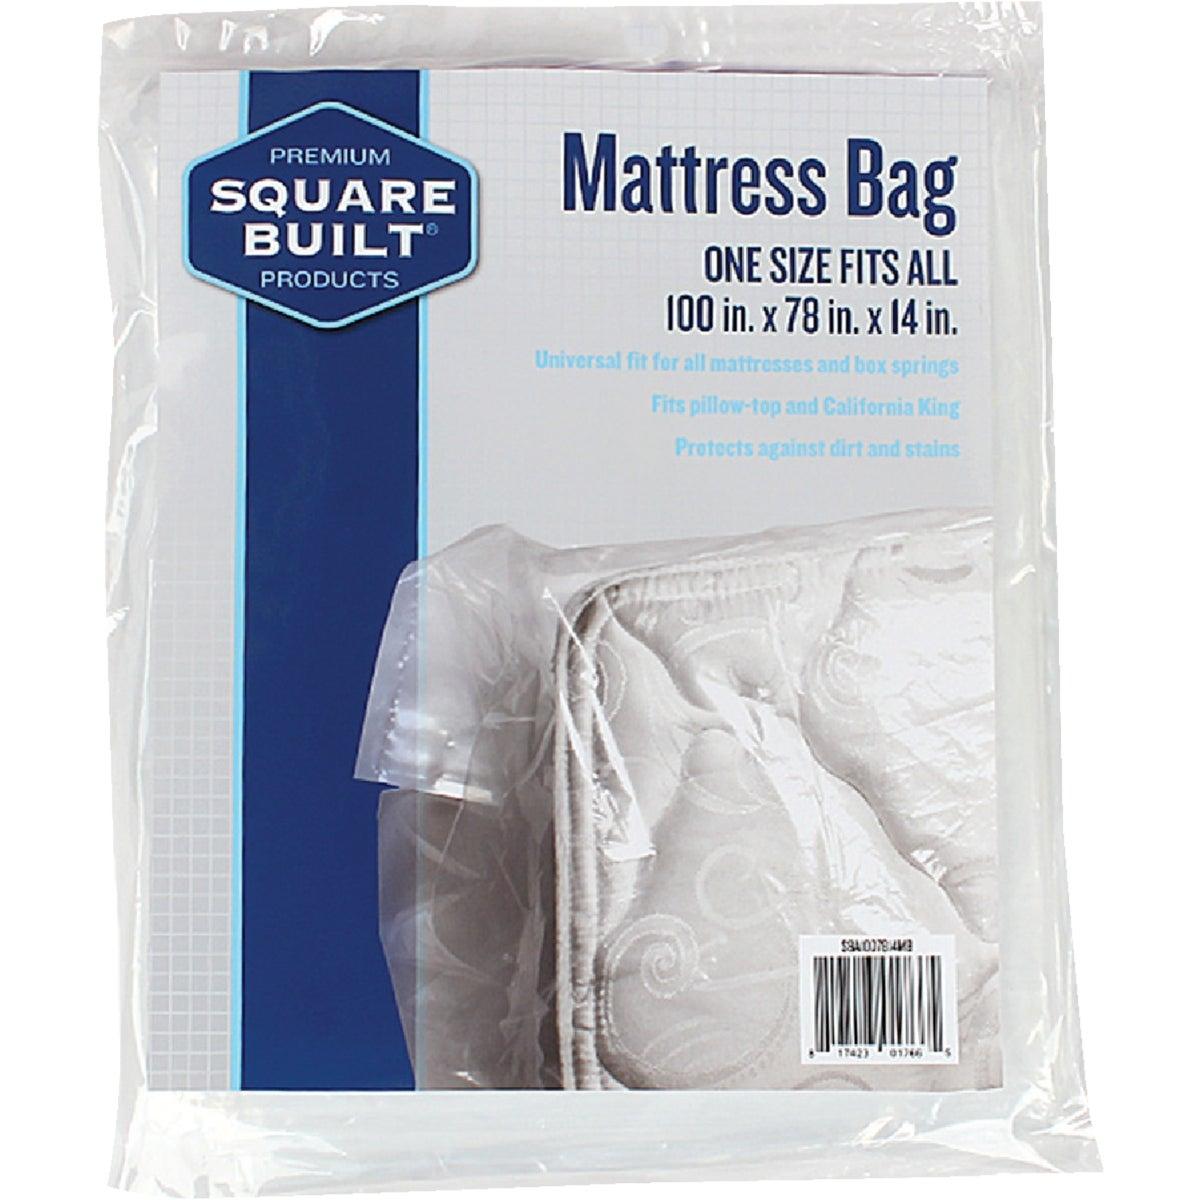 Mattress Bag